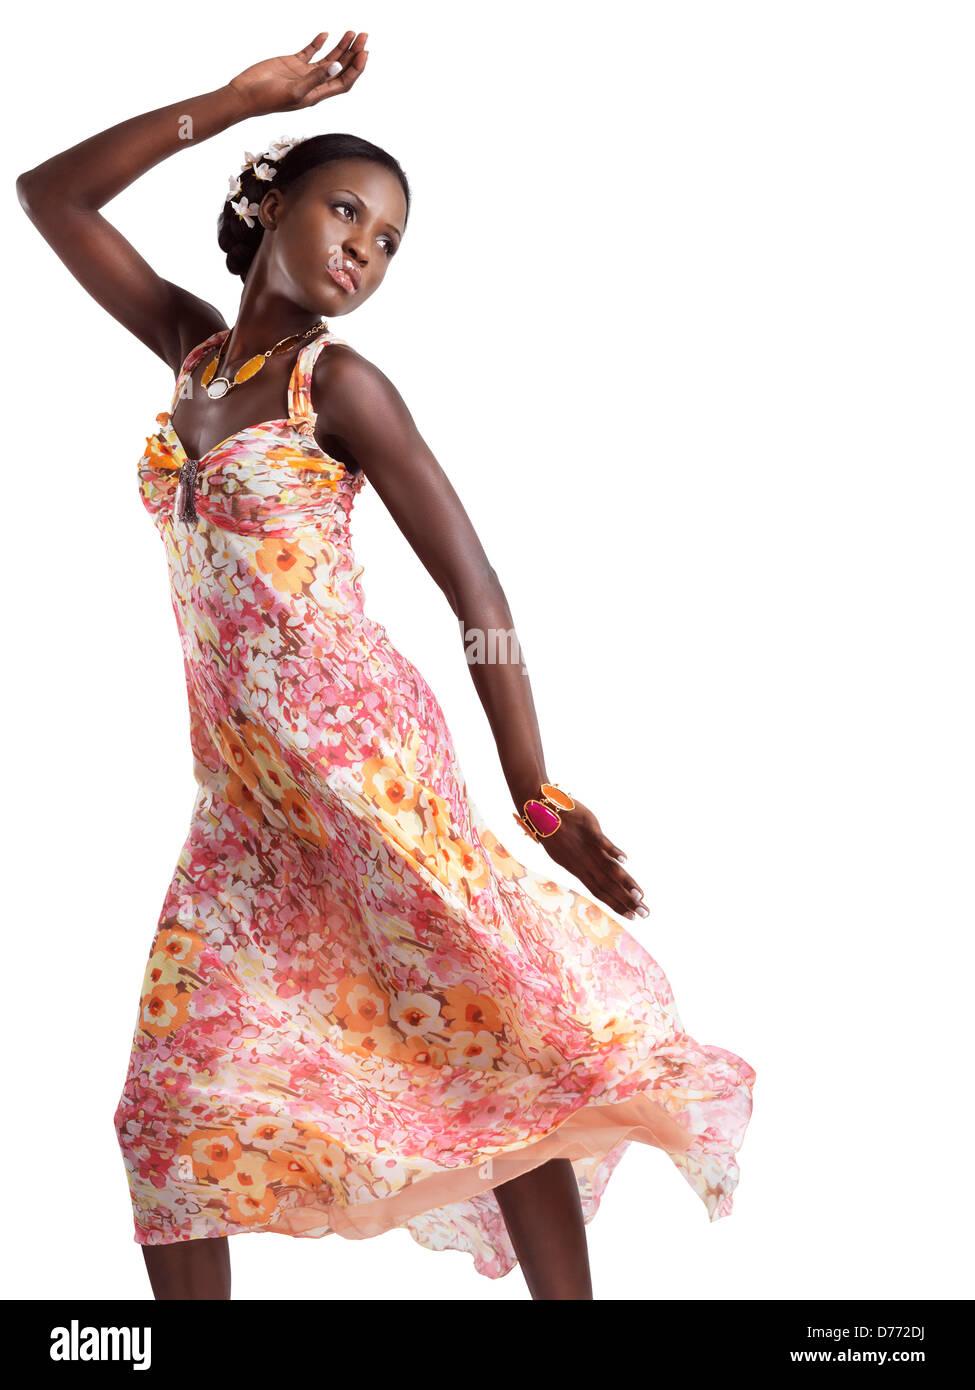 6a294bb8b8d3 Bella giovane donna nera in ballo un floreale rosa abiti estivi isolati su sfondo  bianco Immagini